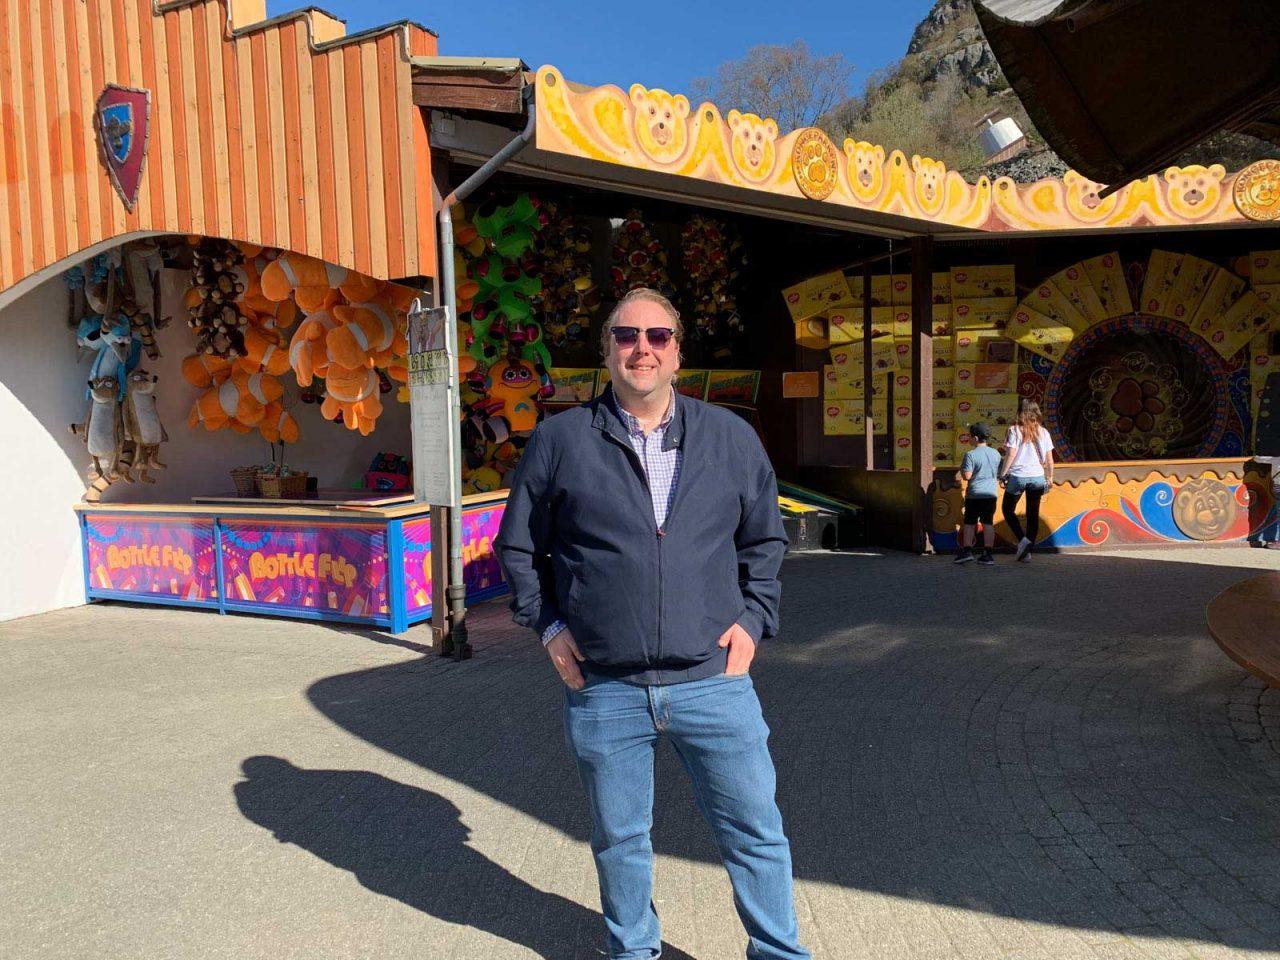 I Kongeparken blir alle voksne som barn igjen. En herlig og gøy opplevelse.